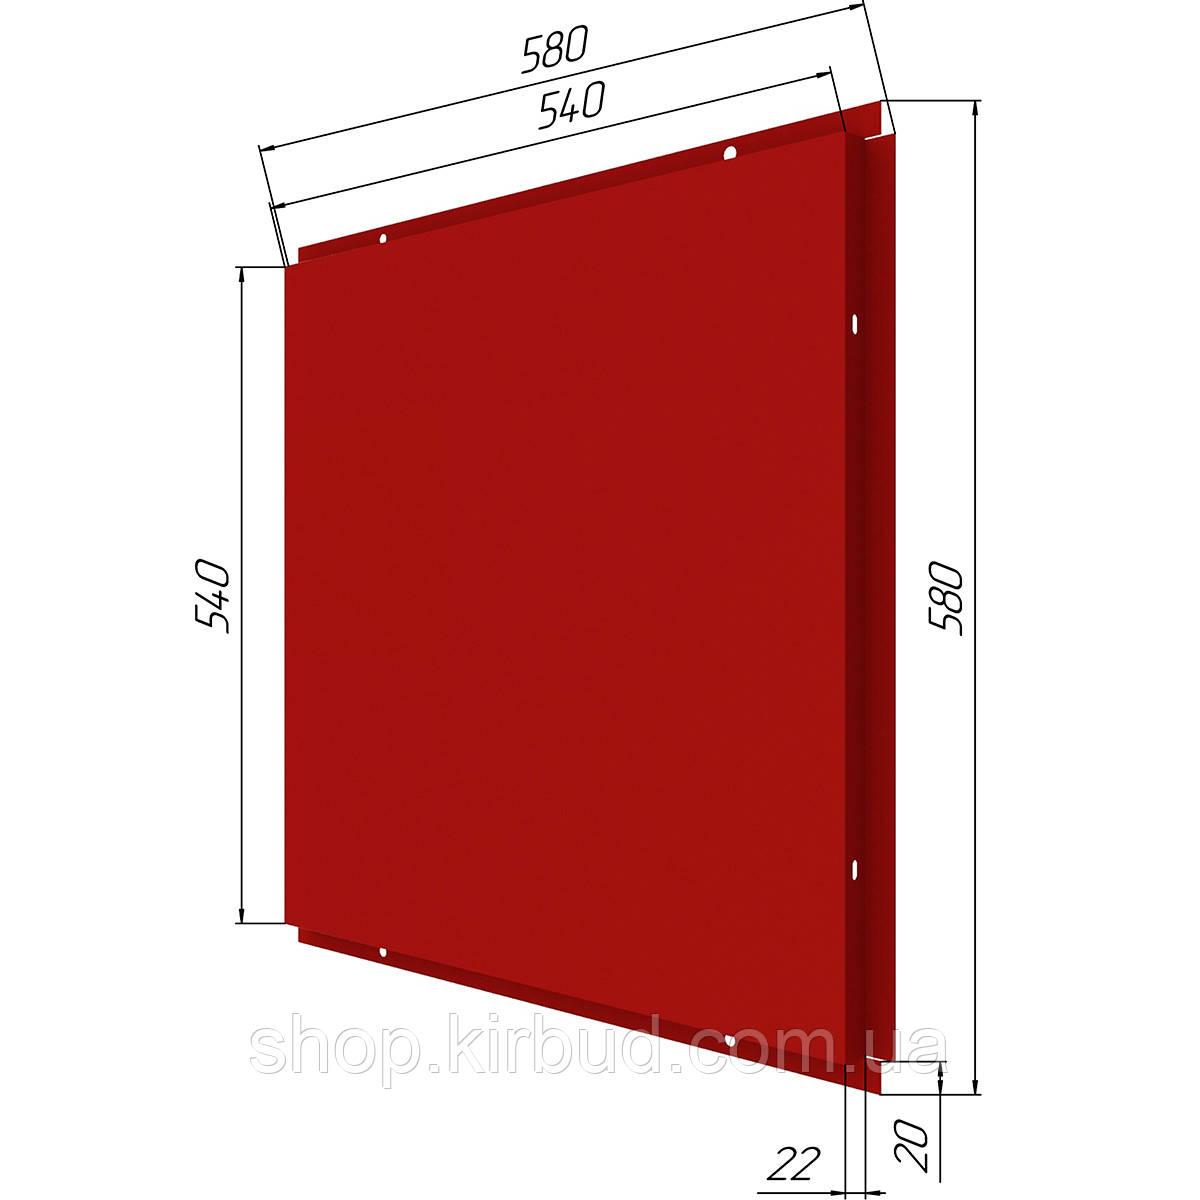 Фасадные касети (под заказ) матт 0,45мм 580х580мм